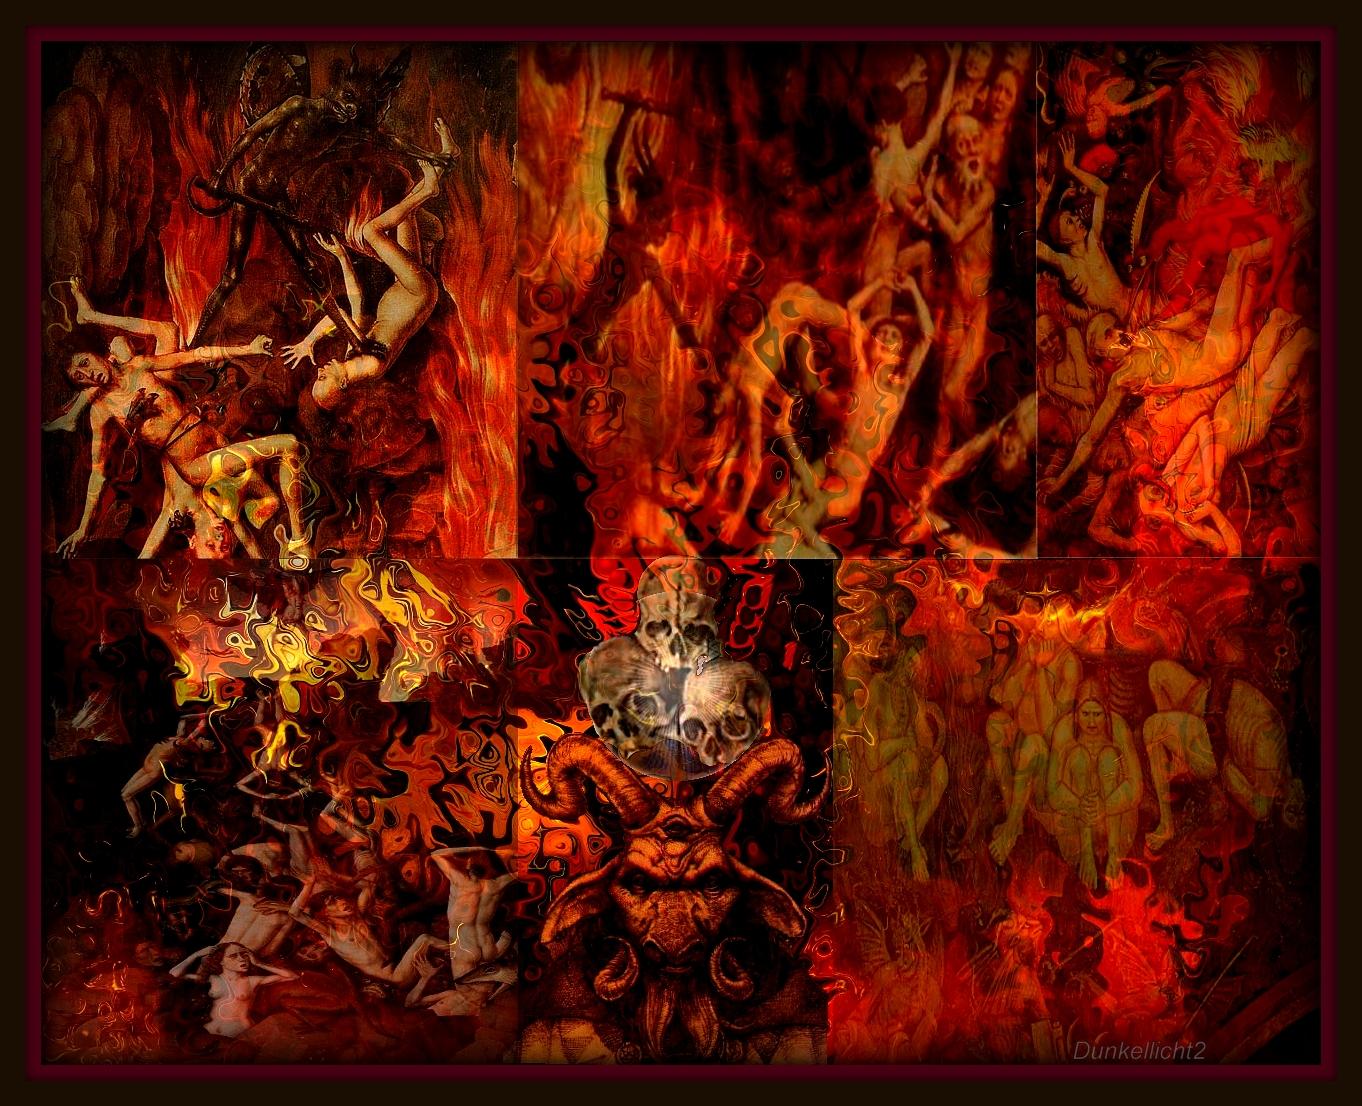 Wie Sieht Die Hölle Aus